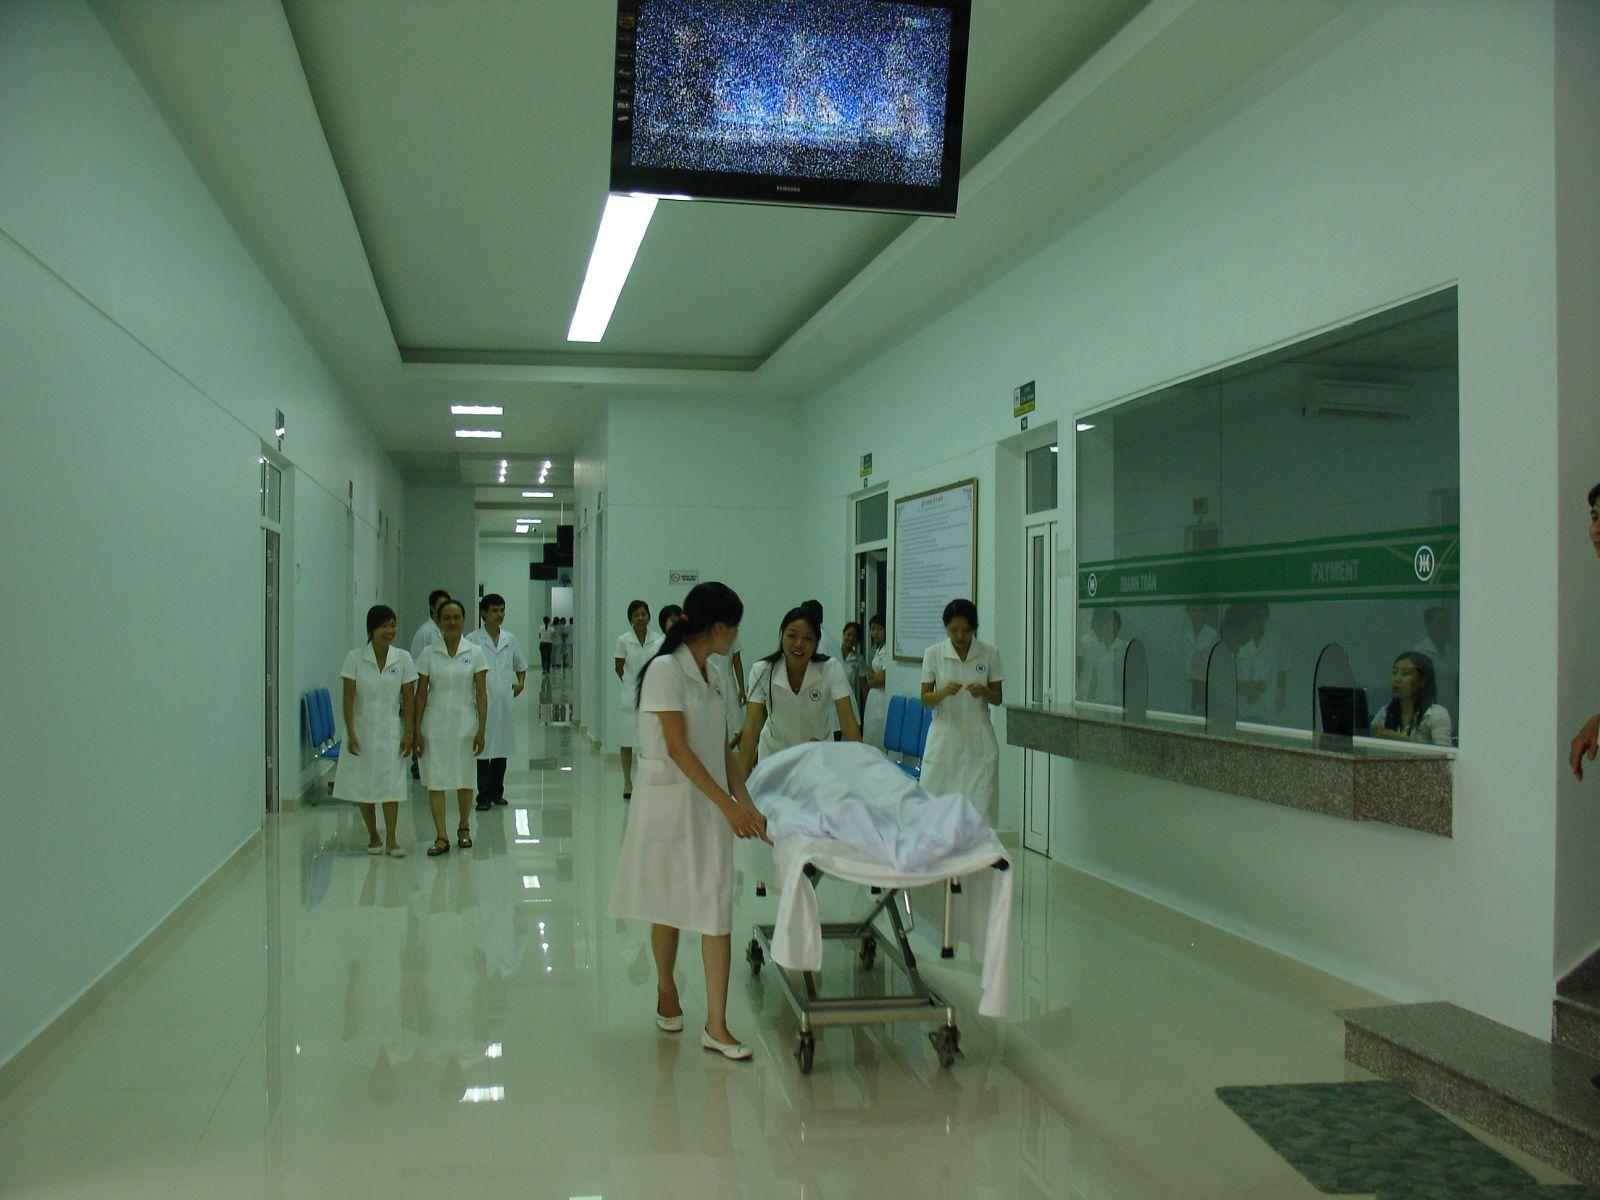 Khung phần mềm quản lý bệnh viện sẽ giúp tăng năng suất chất lượng làm việc